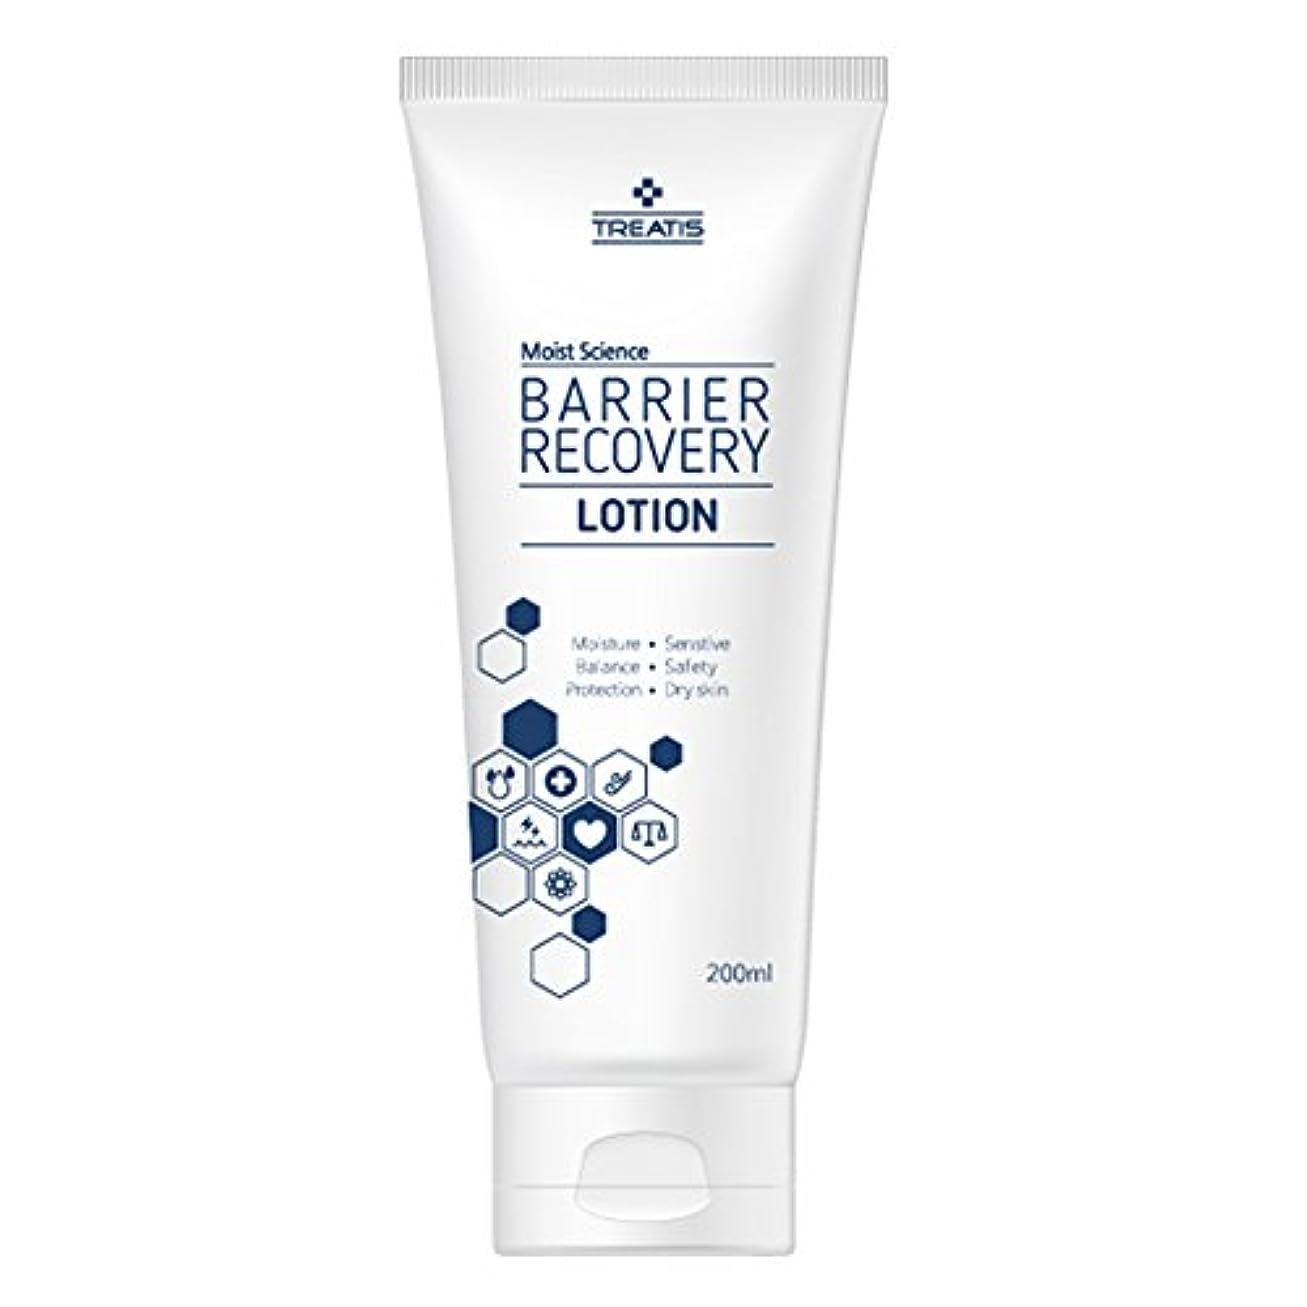 半ば見つける勇気のあるTreatis barrier recovery lotion 7oz (200ml)/Moisture, Senstive, Balance, Safty, Protection, Dry skin [並行輸入品]